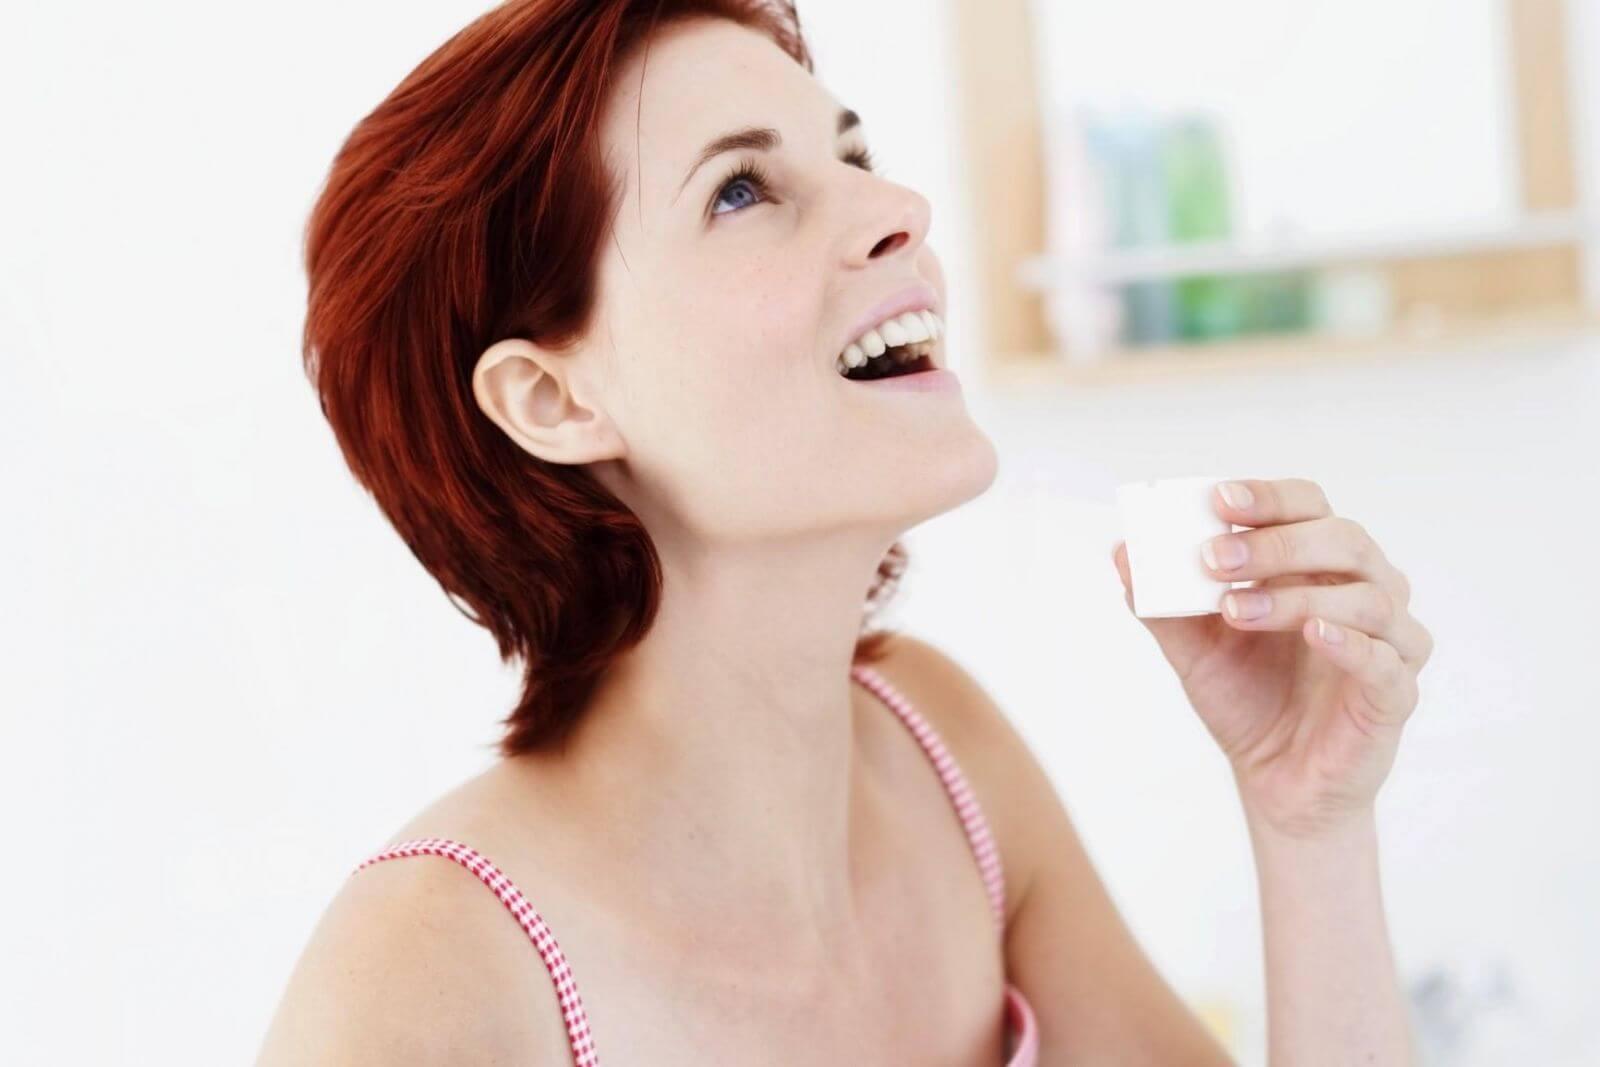 Полоскание горла Фурацилином при ангине: приготовление раствора и процедура полоскания